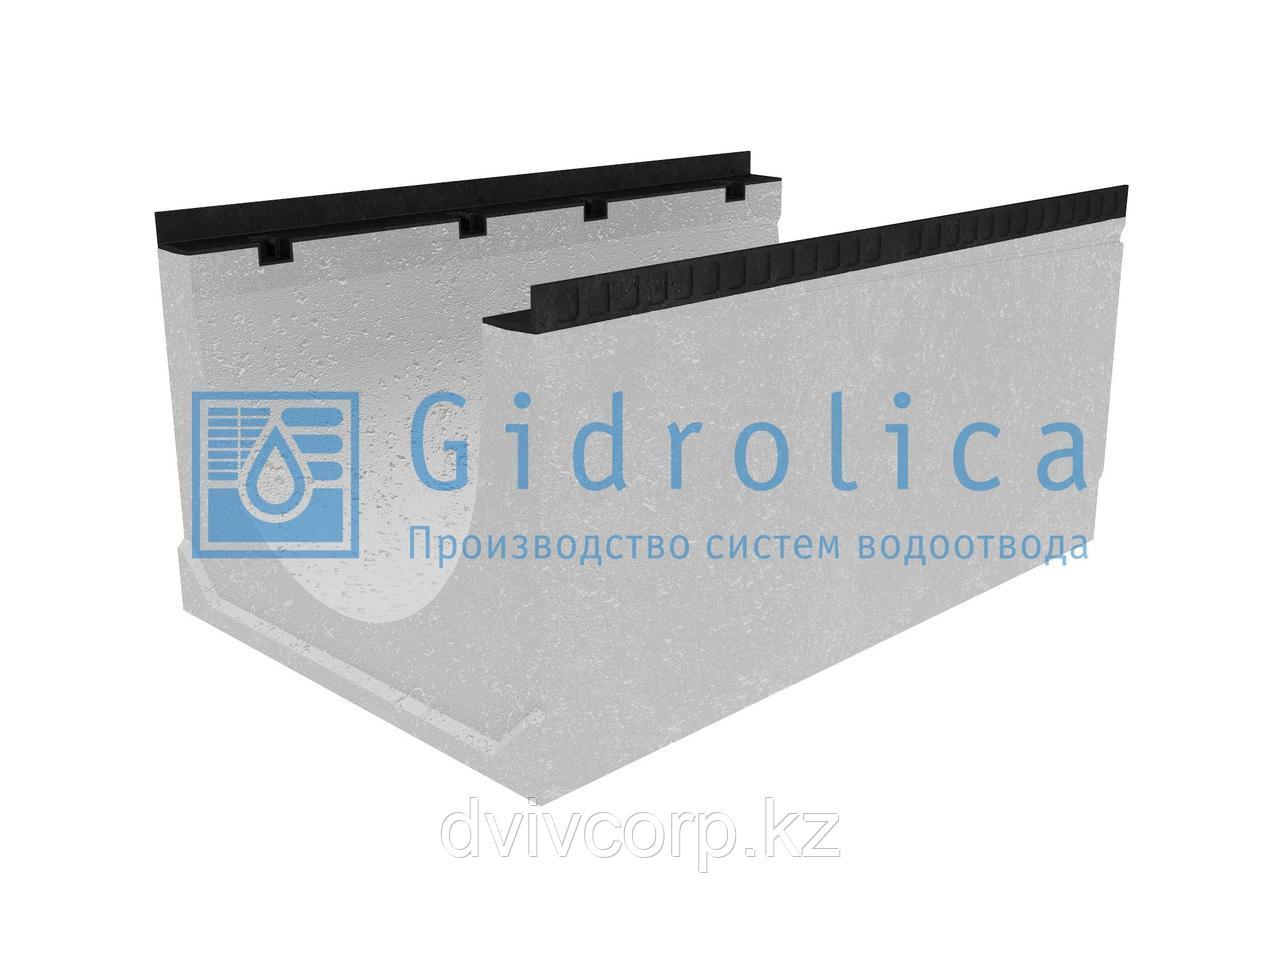 Лоток водоотводный бетонный коробчатый (СО-500мм), с уклоном 0,5%  КUу 100.65(50).47,5(38,5) - BGМ, № 5